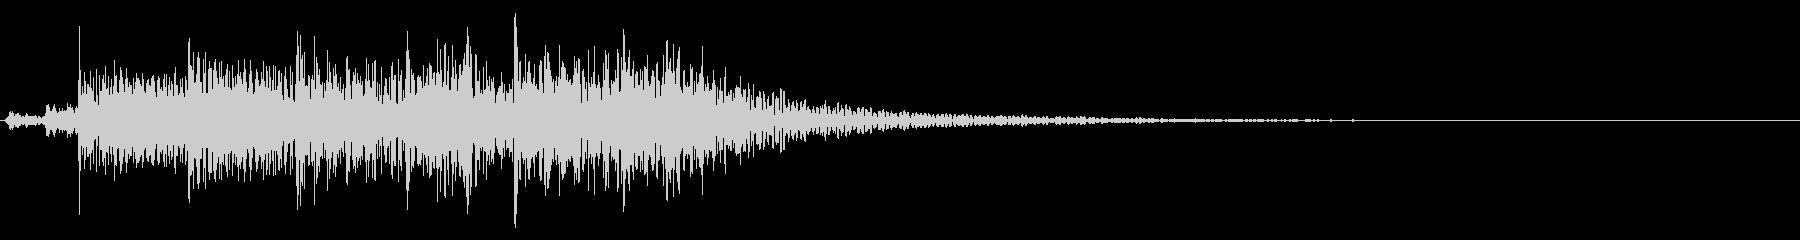 インパクトあるロックなジングル18の未再生の波形